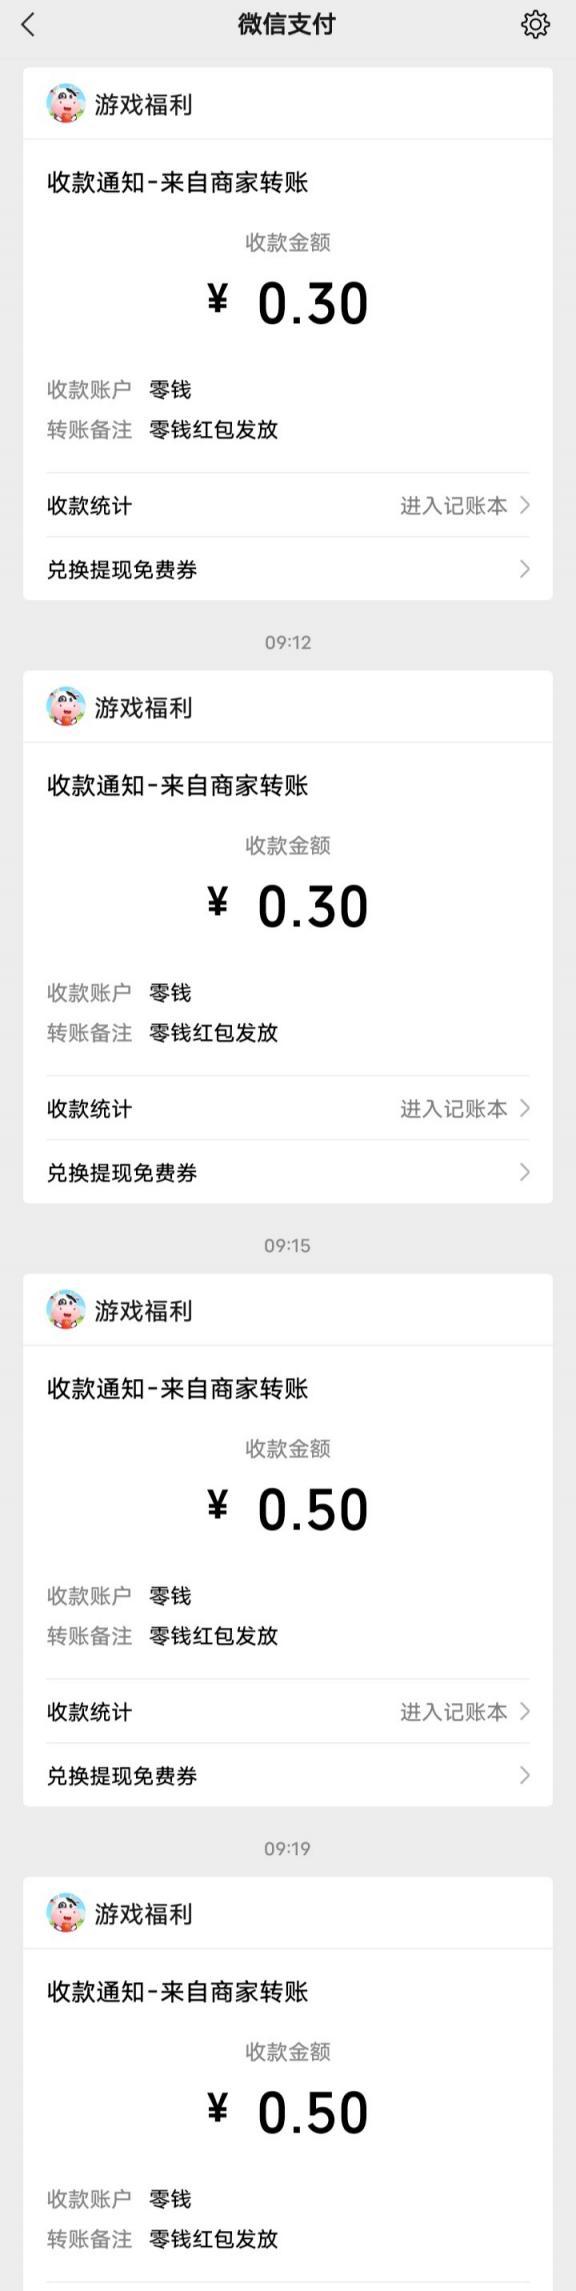 Screenshot_20210505_093919.jpg